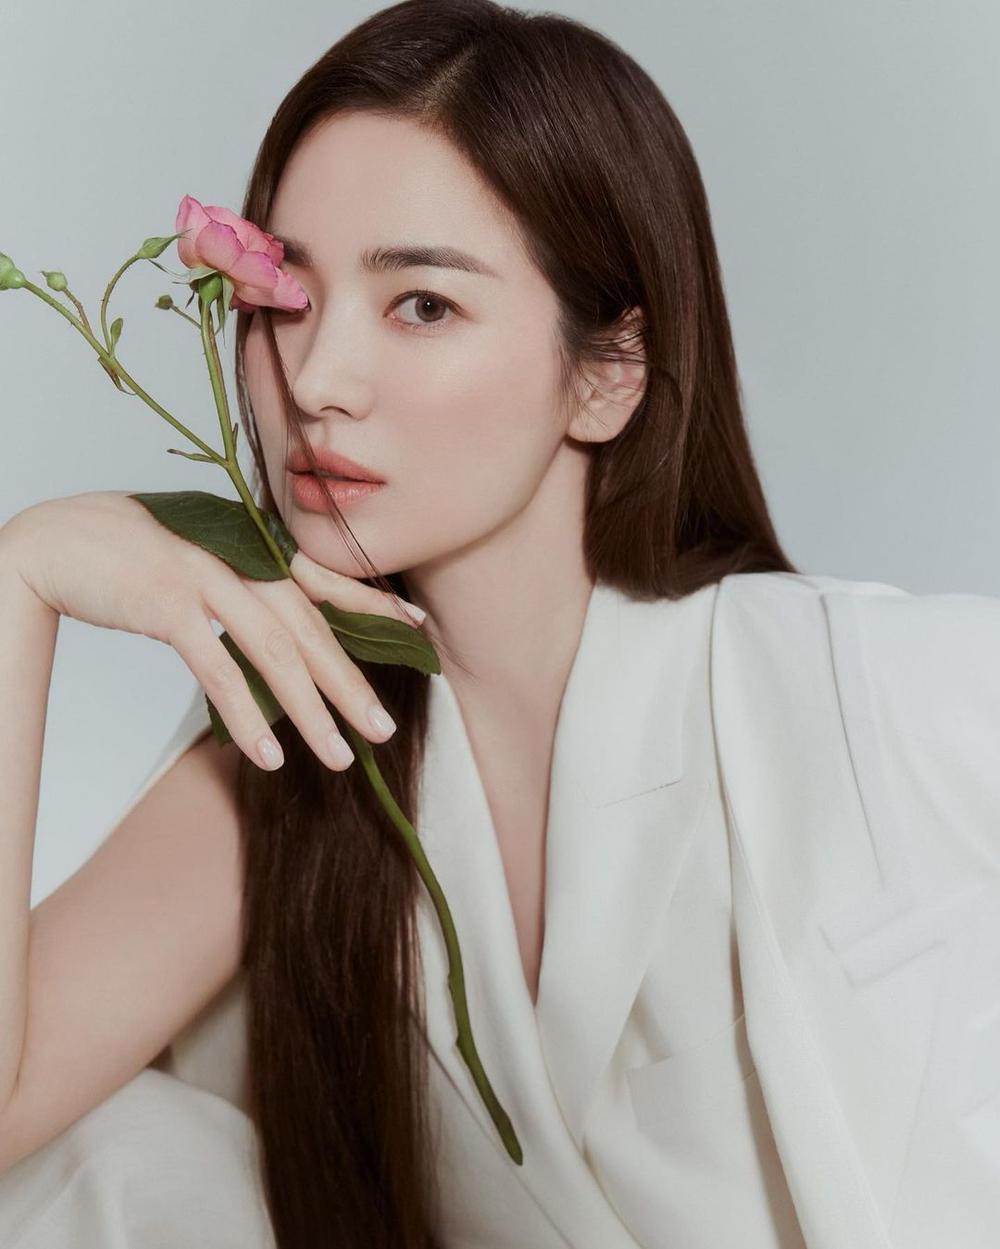 'Vợ chồng' Song Hye Kyo - Song Joong Ki đọ sắc: 'Em không là nàng thơ, anh cũng không là nhạc sĩ mộng mơ' Ảnh 10